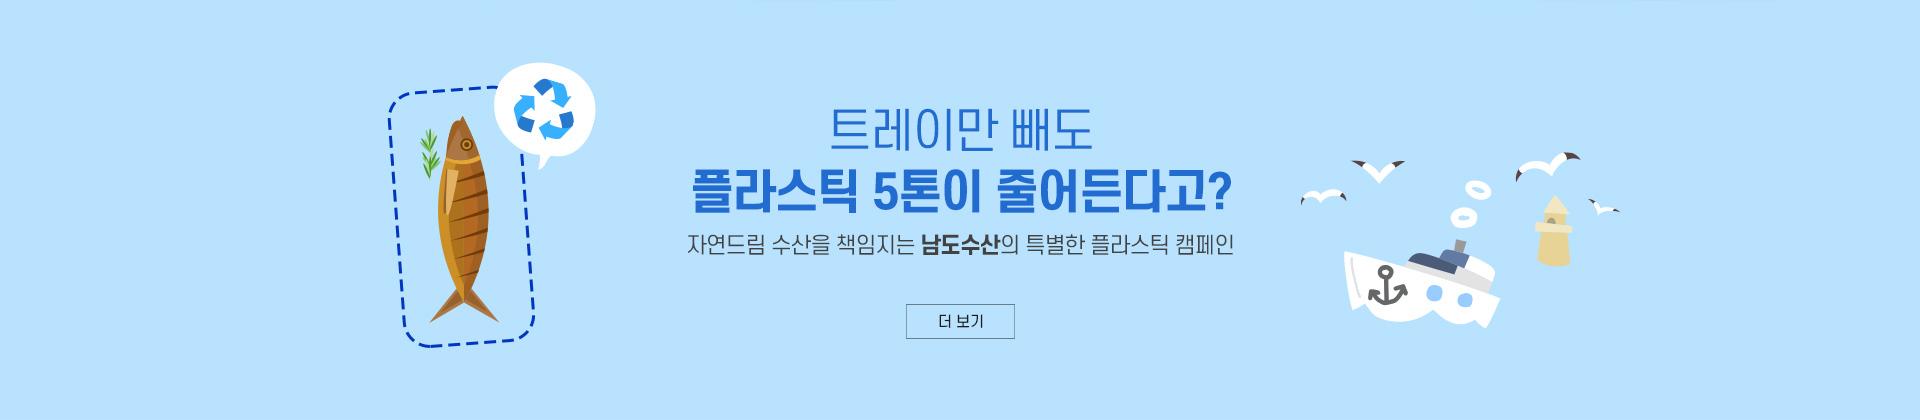 남도수산 플라스틱 캠페인